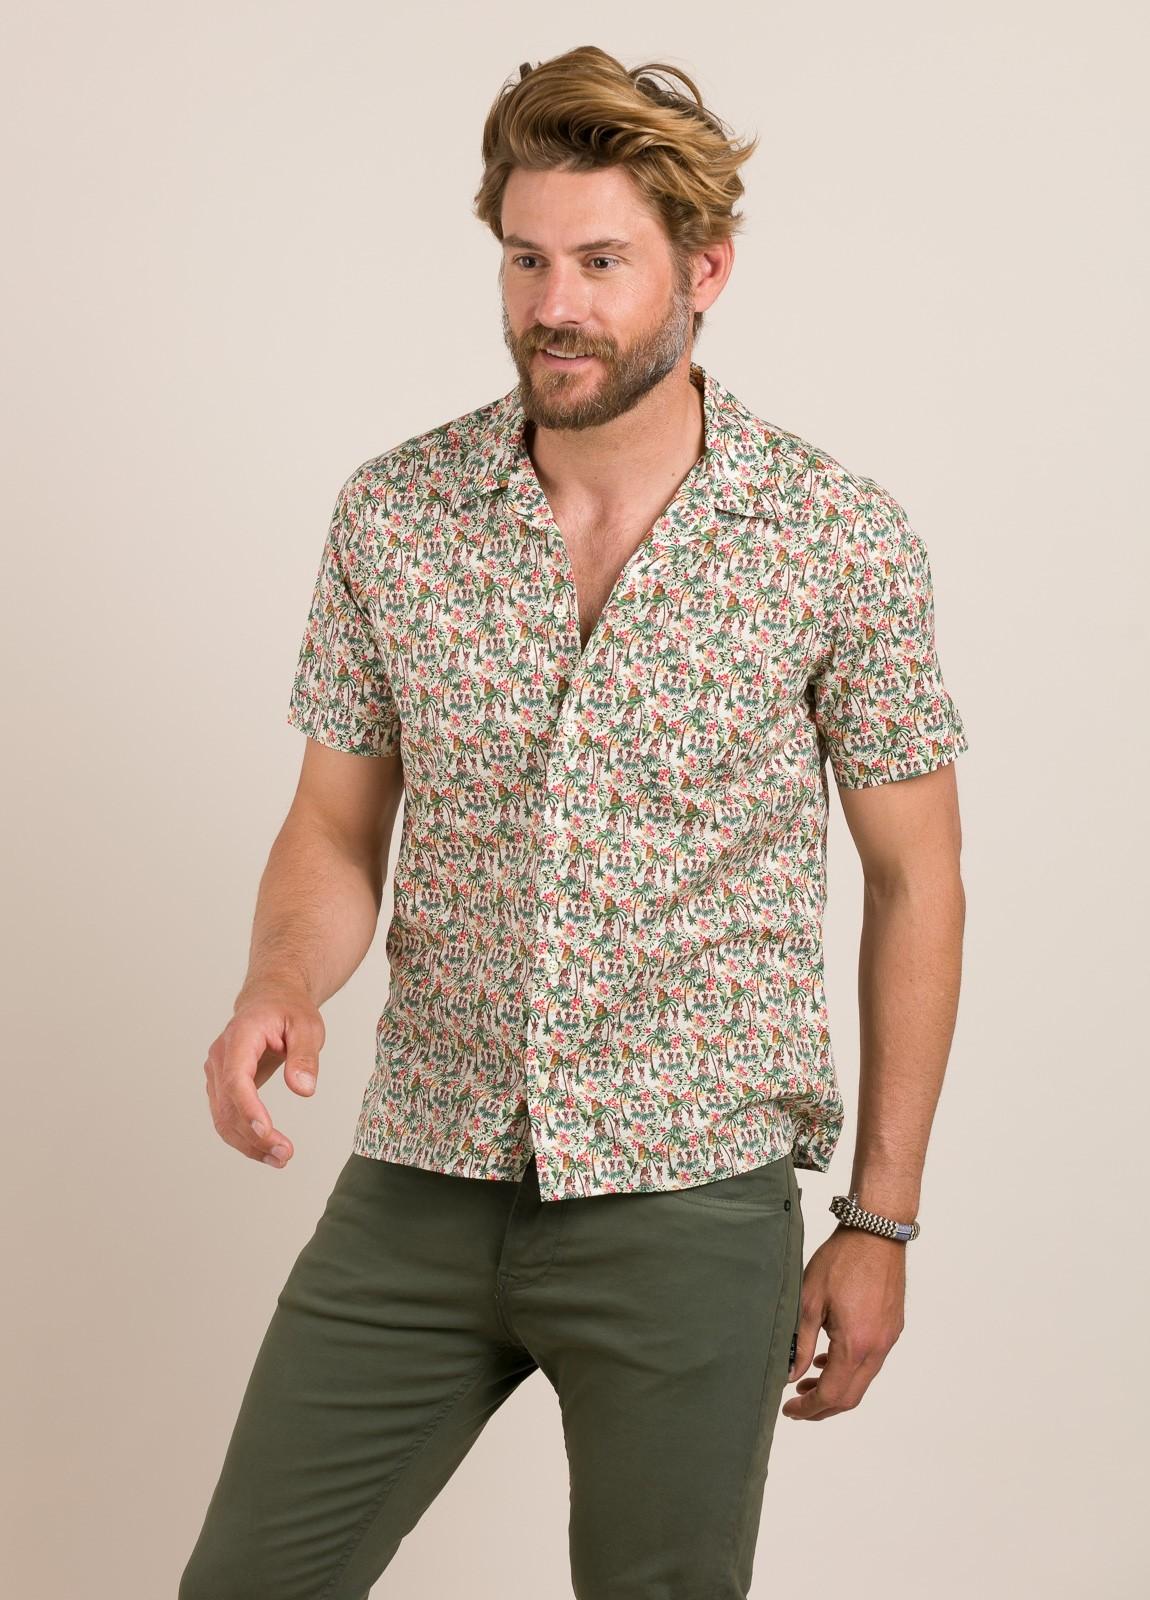 Camisa sport FUREST COLECCIÓN modelo HAWAI TOM crudo